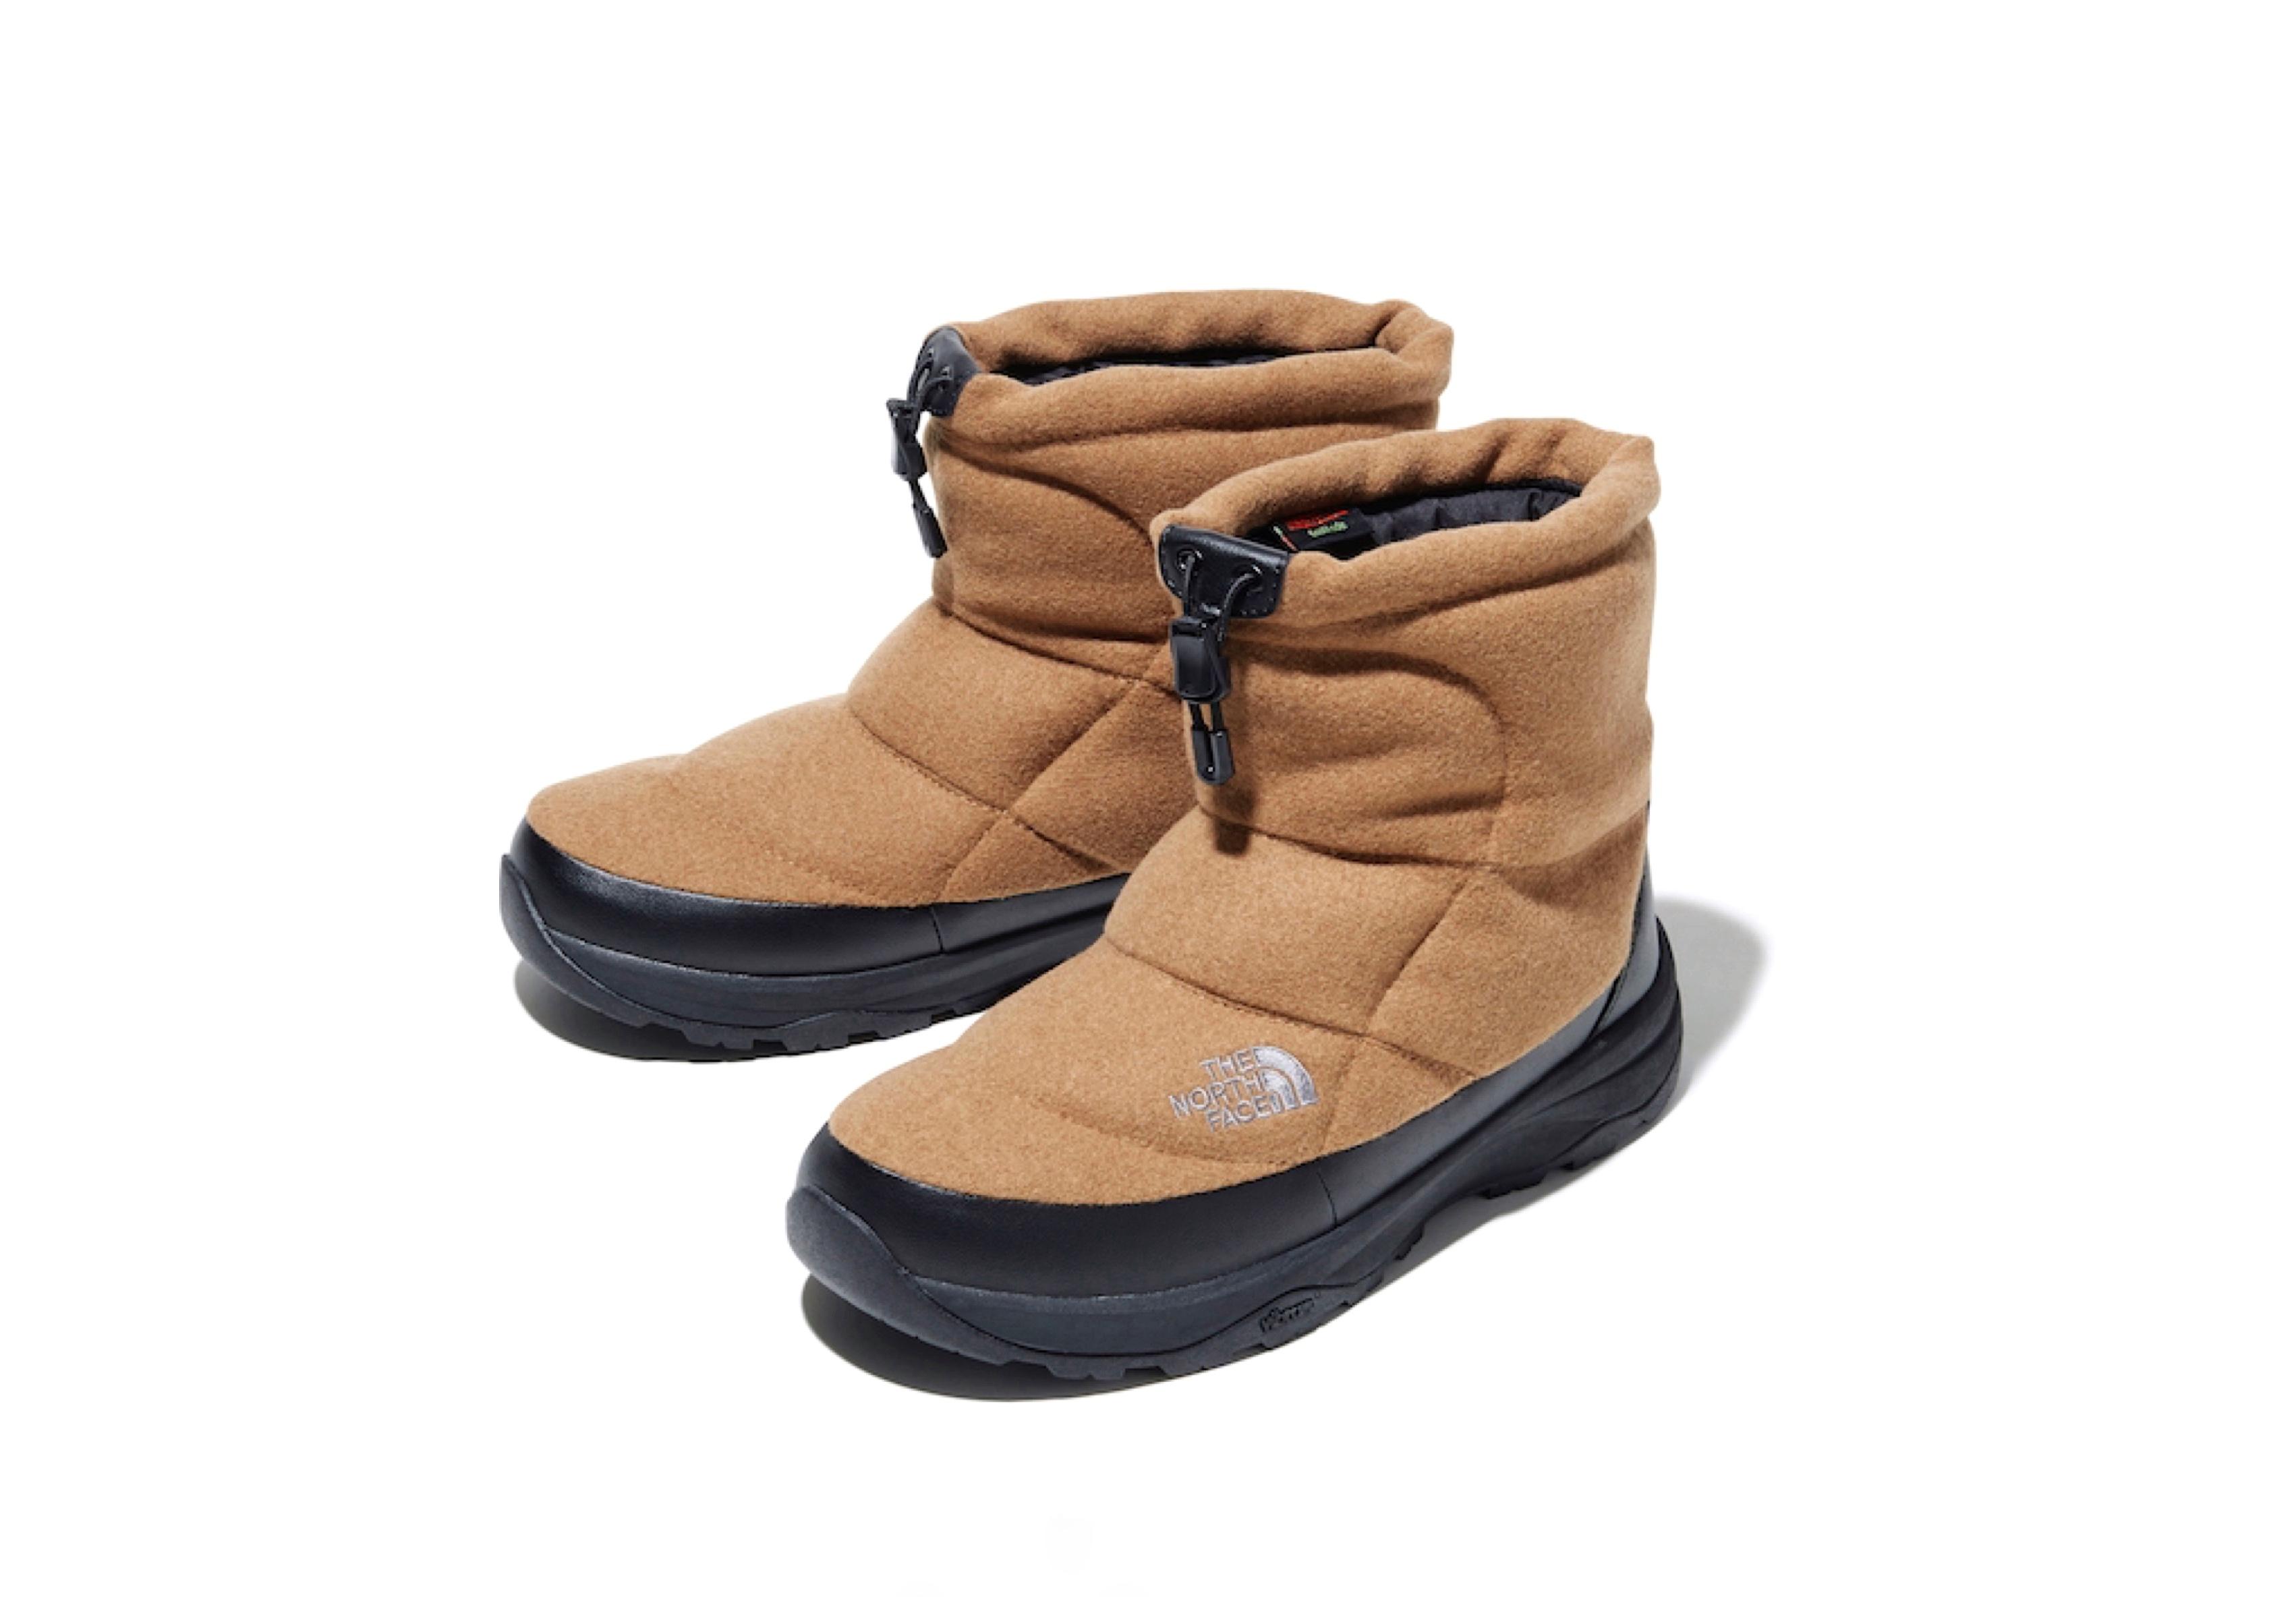 THE NORTH FACE、機能性防寒ブーツコレクション発売 新作も追加